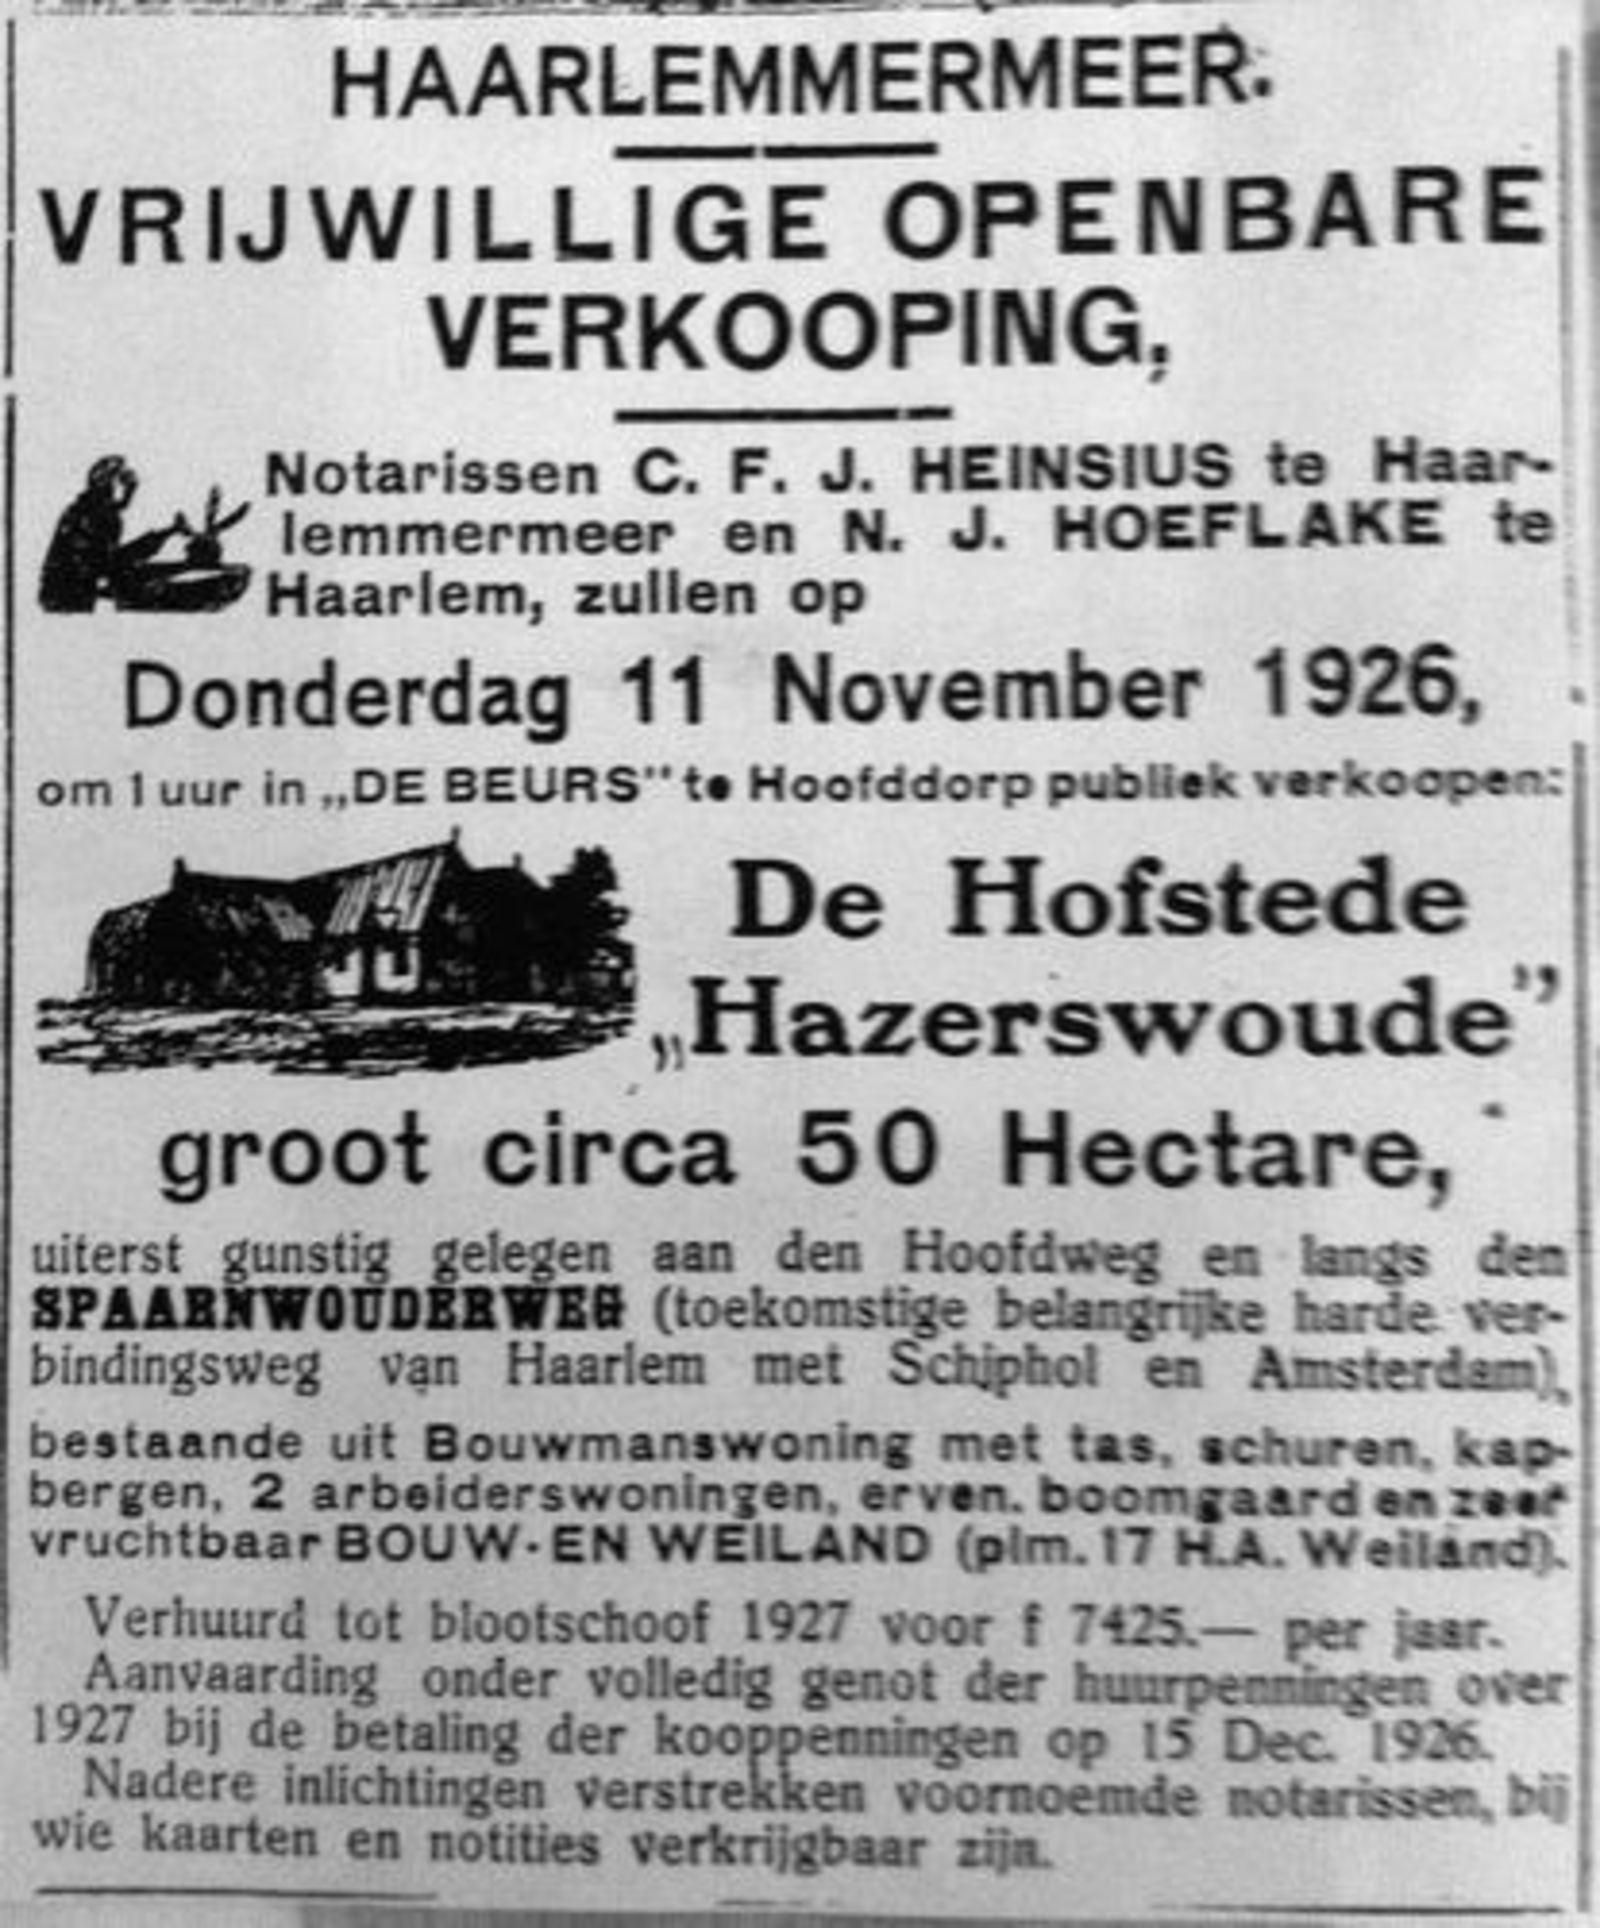 Hoofdweg O 0152 1926 Hazerswoude in de Verkoop